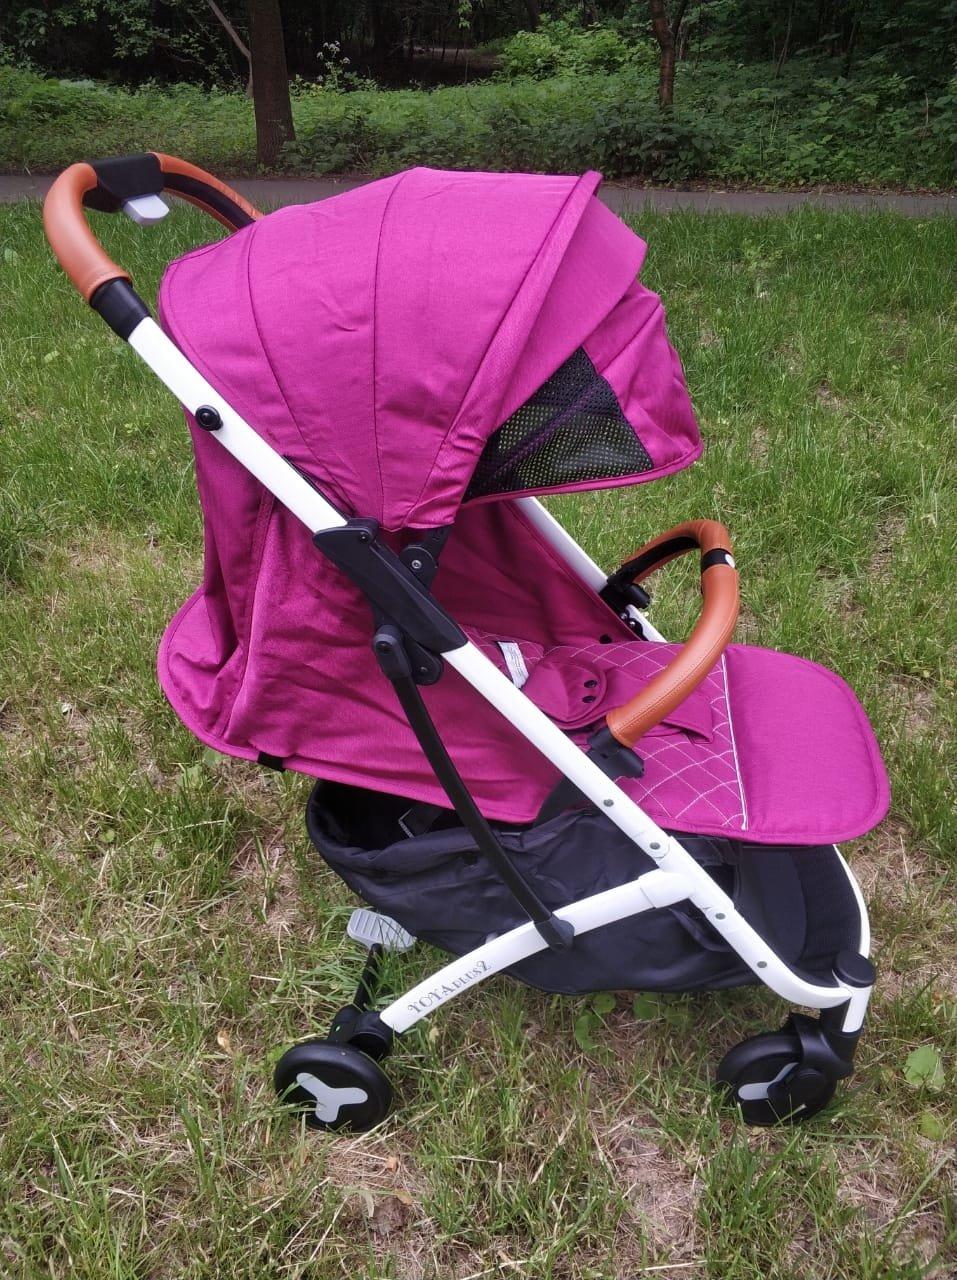 детская коляска yoya plus 2 2018 цвет фиолетовый фуксия